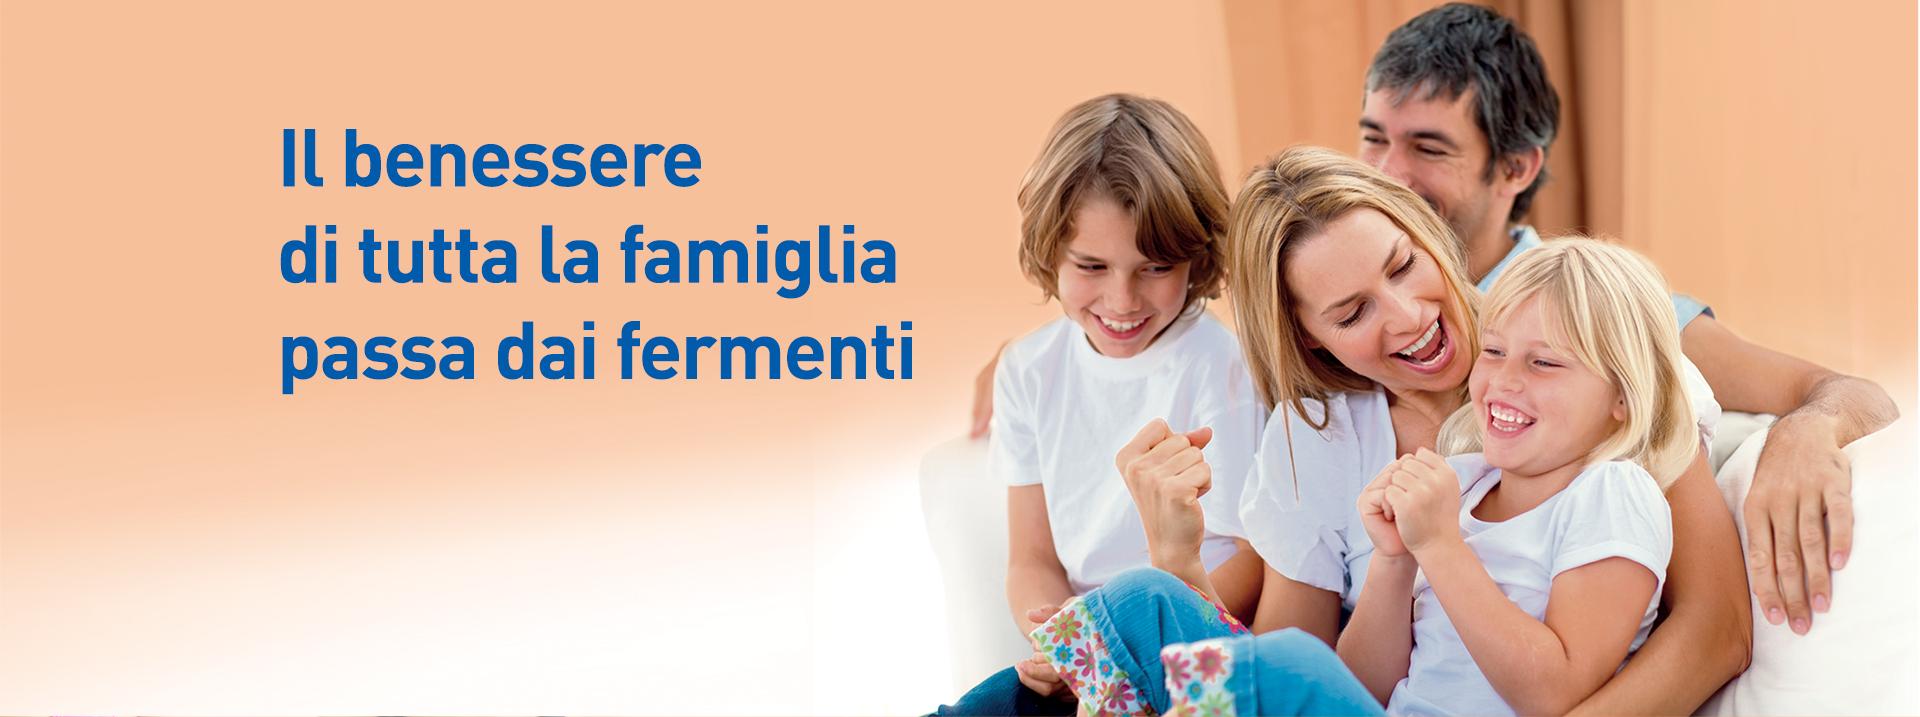 Il benessere di tutta la famiglia passa dai fermenti